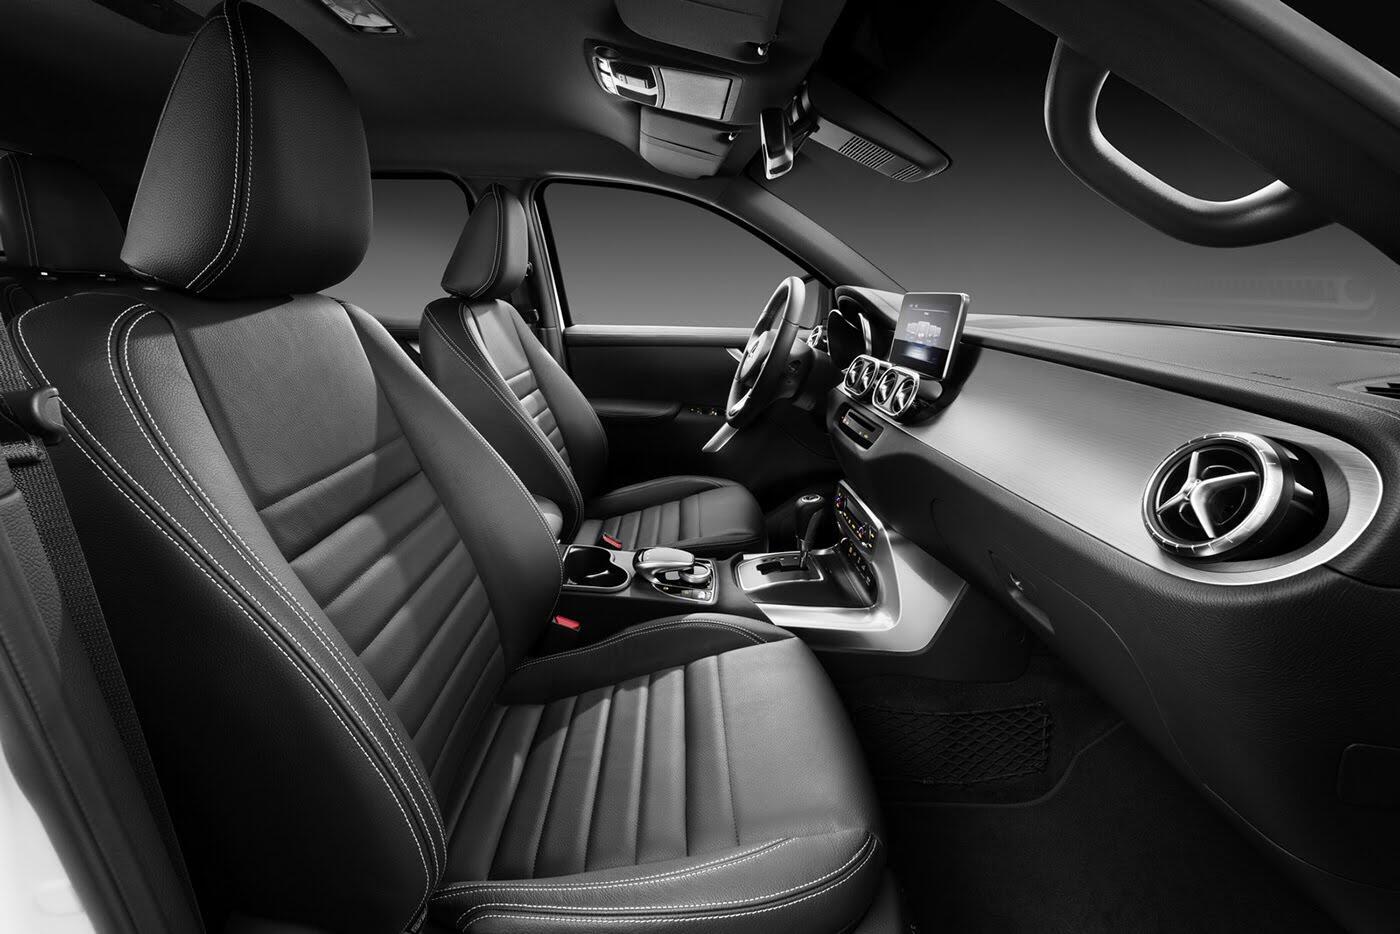 Bán tải Mercedes-Benz X-Class sẽ không có phiên bản động cơ V8 4.0L - Hình 5